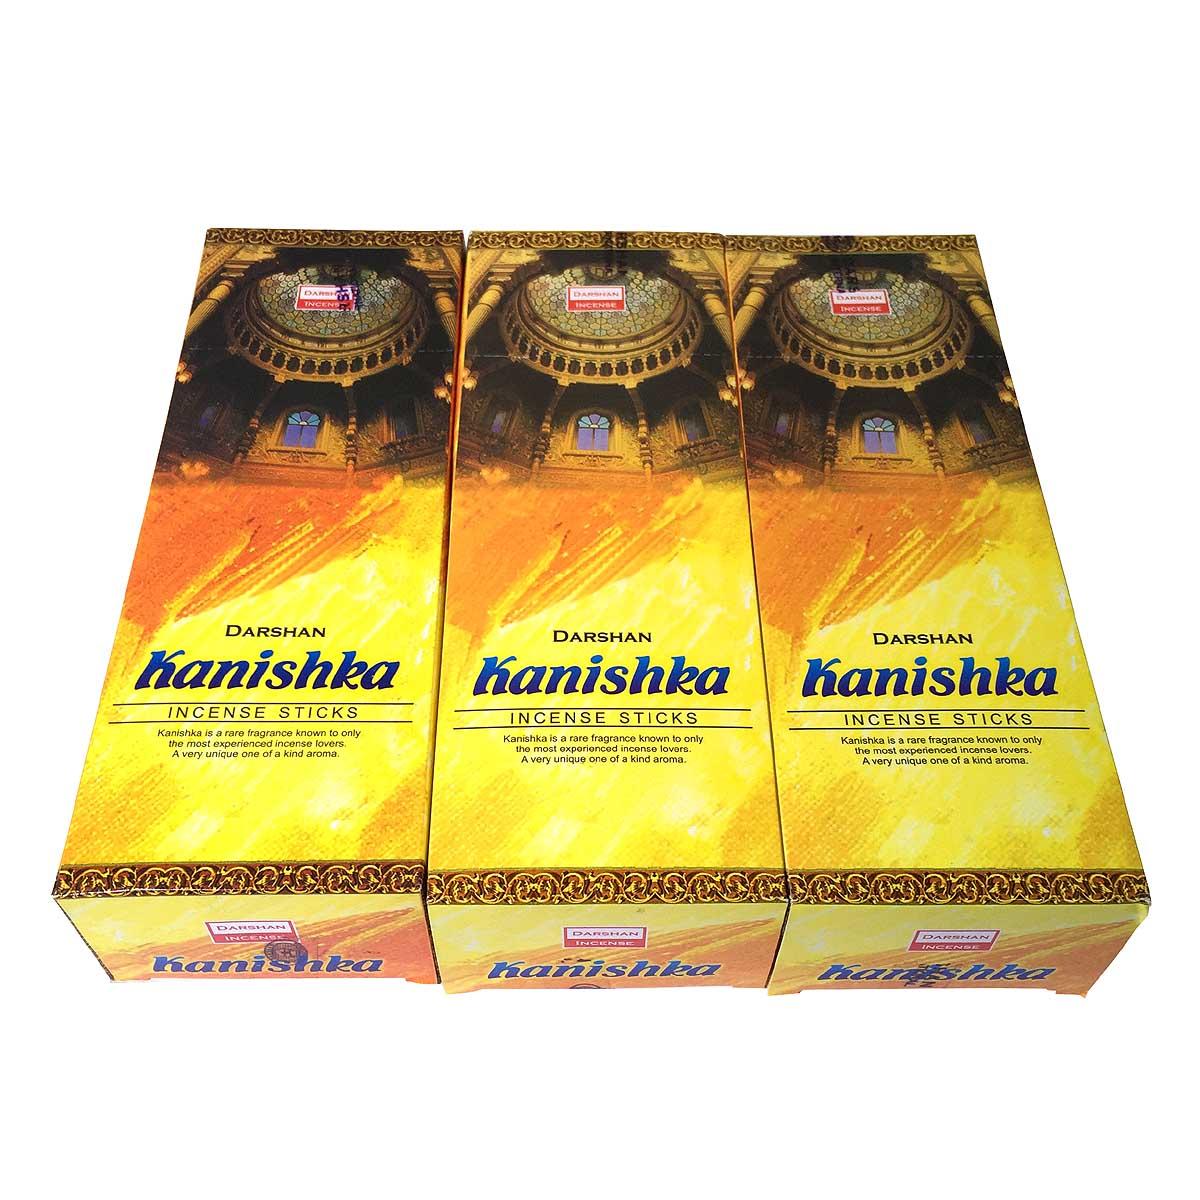 限定品 お香 卸おまとめプライス インド香 ダルシャン カニシュカ香スティック 卸おまとめプライス3BOX 18箱 インセンス KANISHKA 正規店 DARSHAN ネコポス送料無料